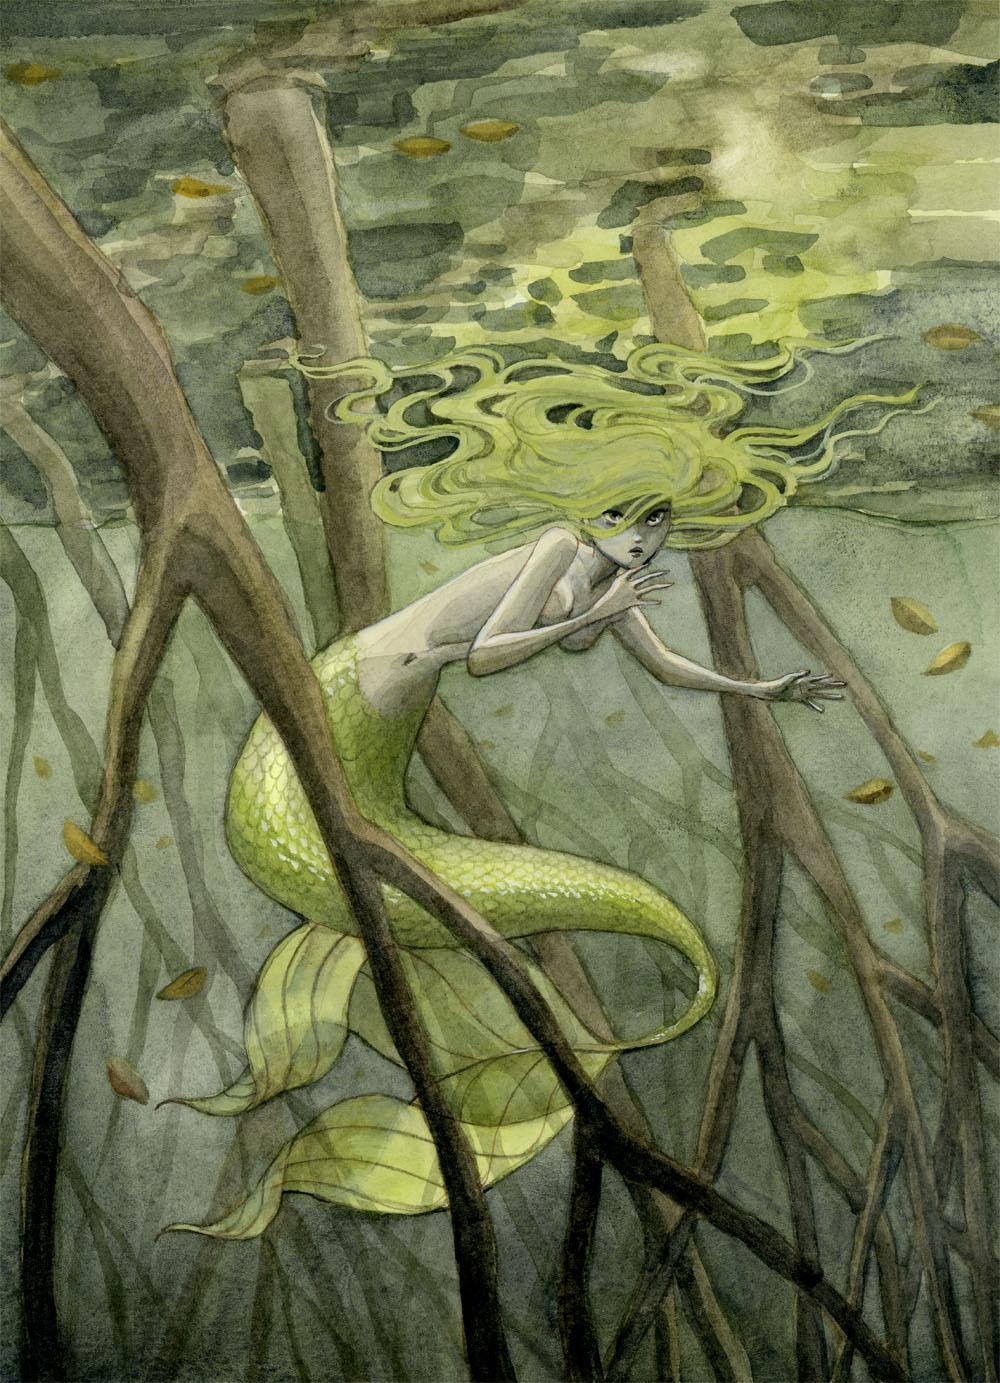 Mangrove Swamp Mermaid by reneenault